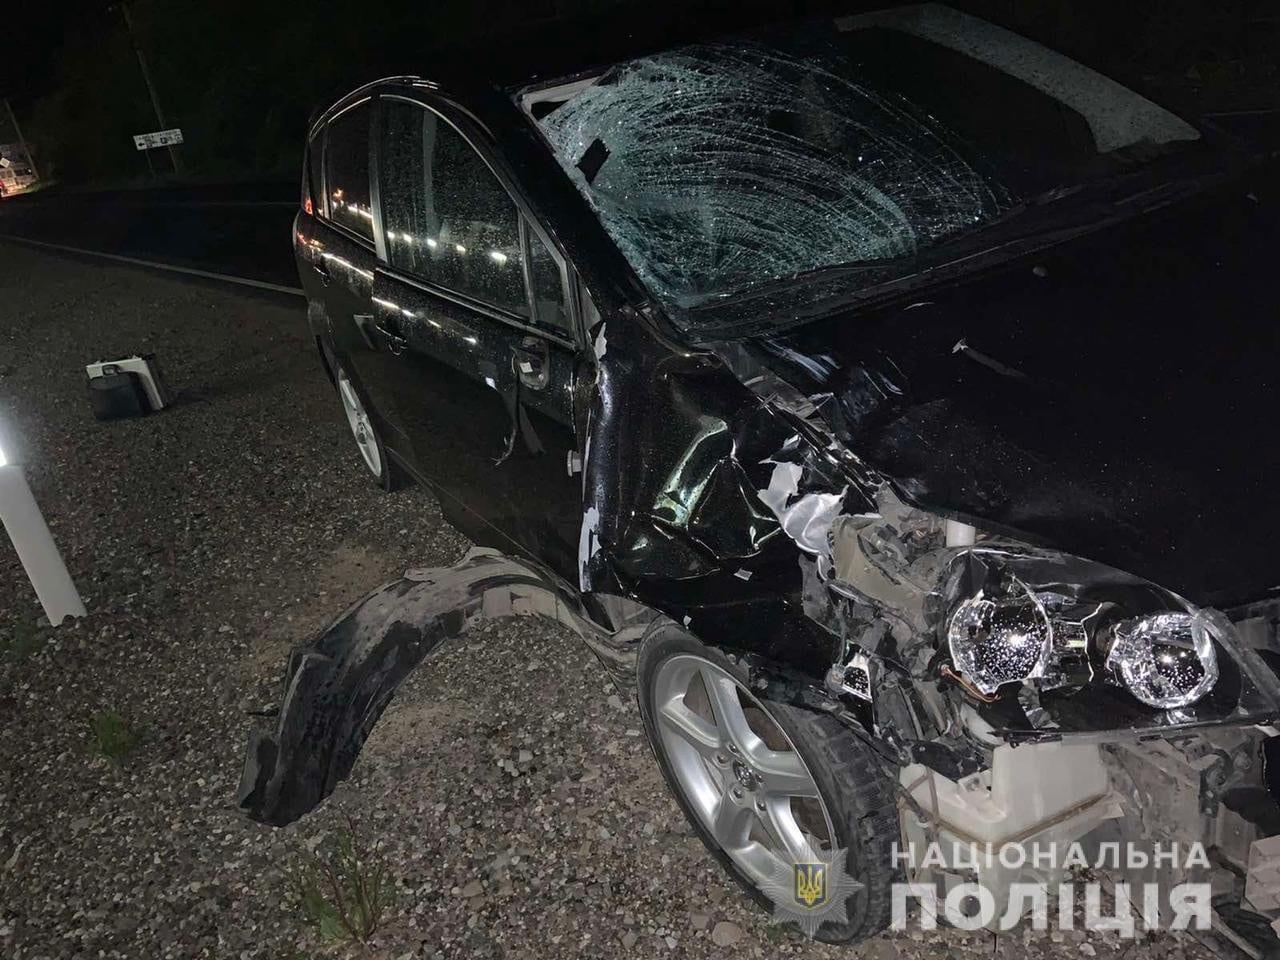 У місті Виноградові водій легковика допустив наїзд на пішохода. У результаті отриманих травм потерпілий загинув на місці події. За фактом автопригоди слідчі поліції відкрили кримінальне провадження.